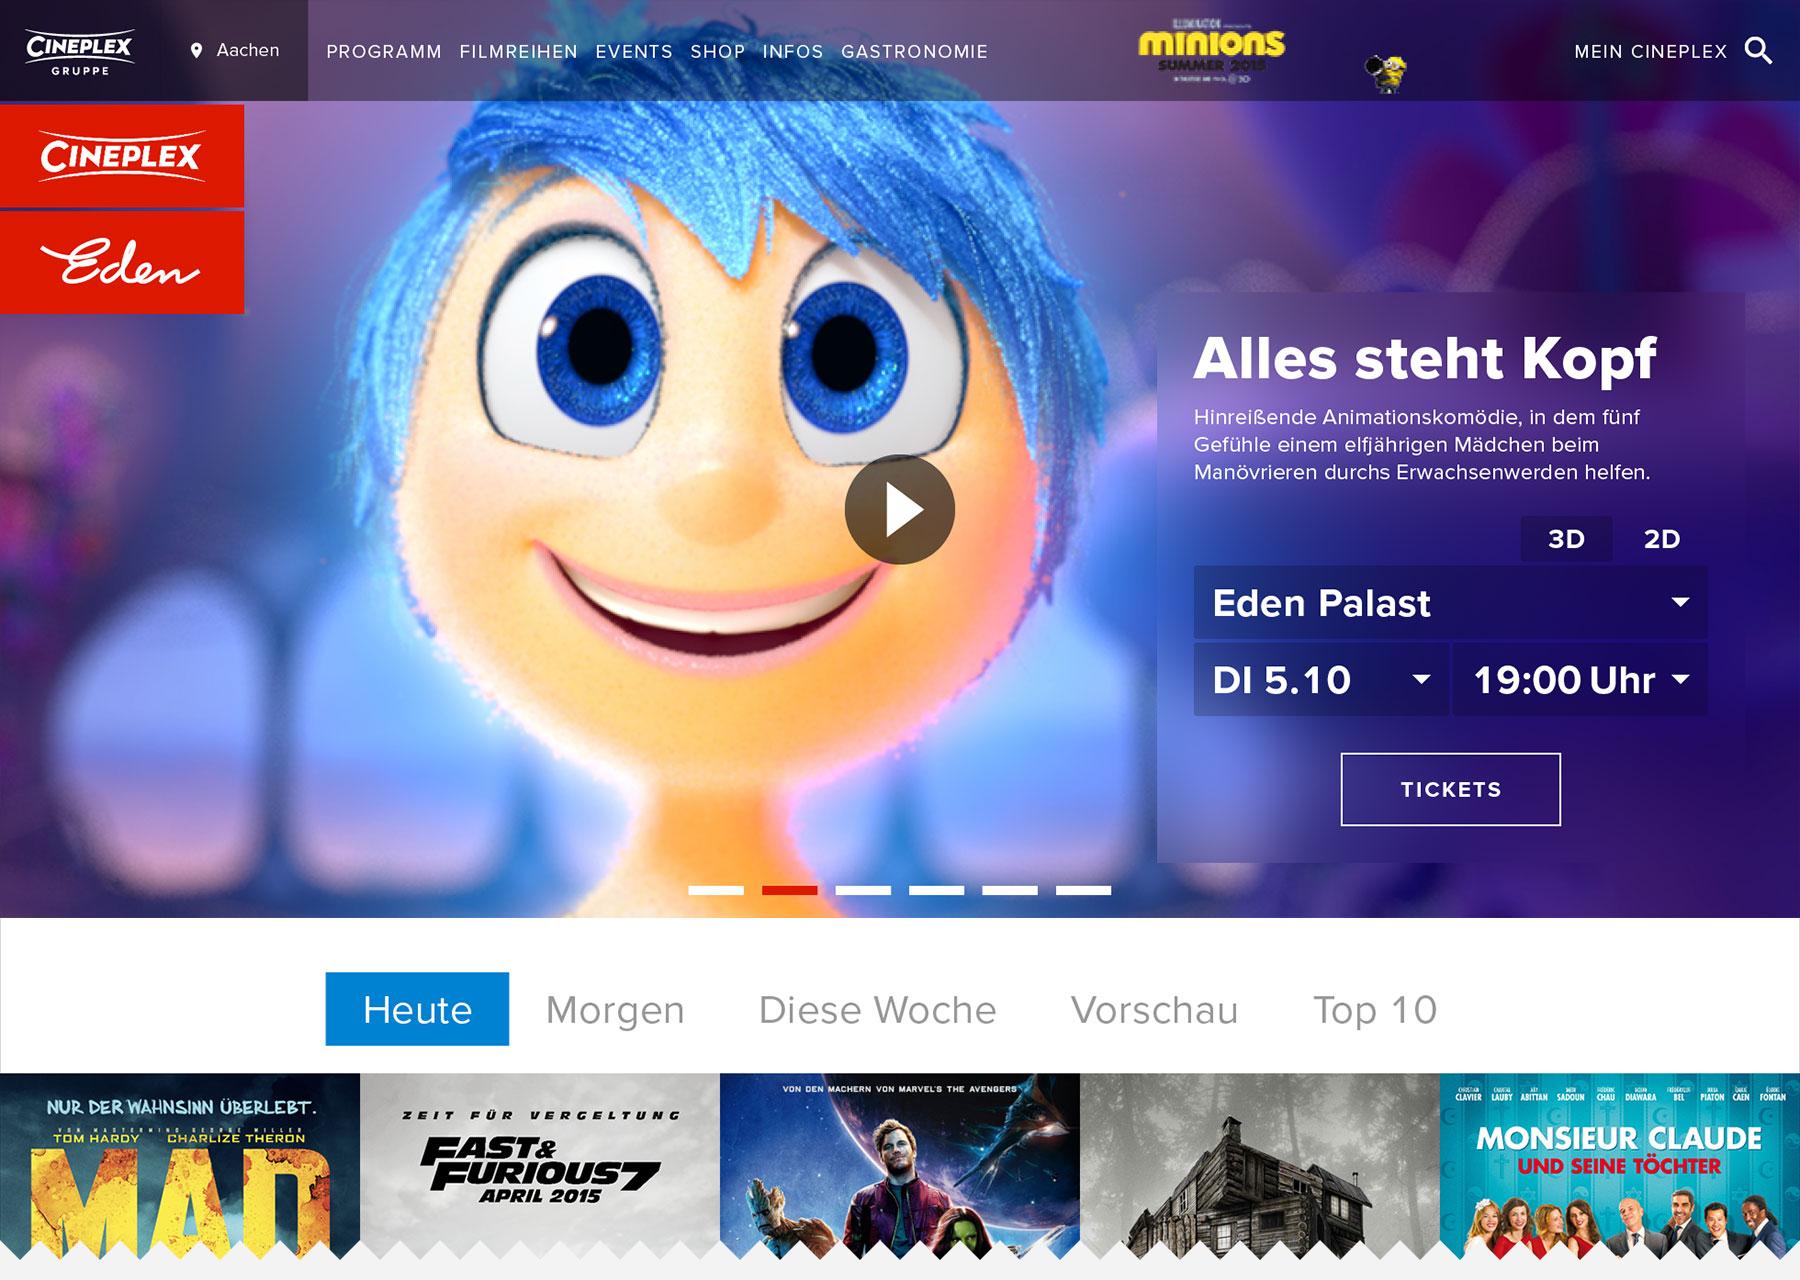 Crolla Lowis - Projekt - Cineplex Deutschland - Cineplex Website Facelift